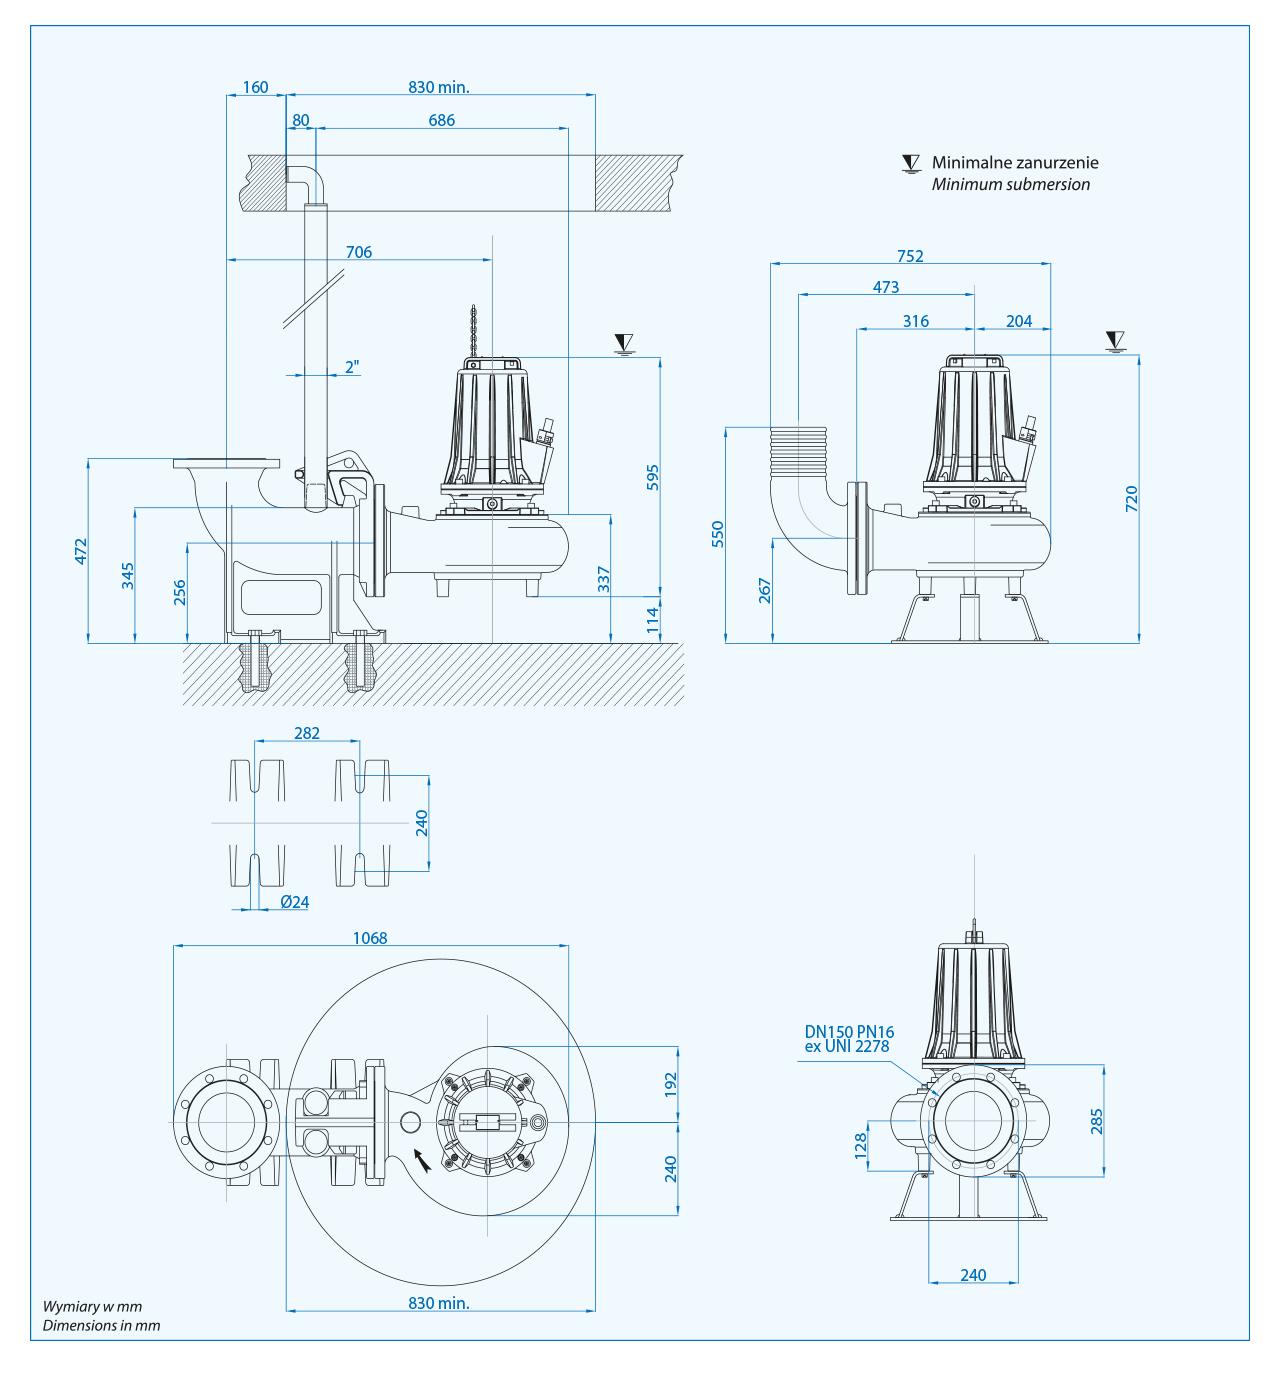 Wymiary pompy na kolanie sprzęgającym DN150